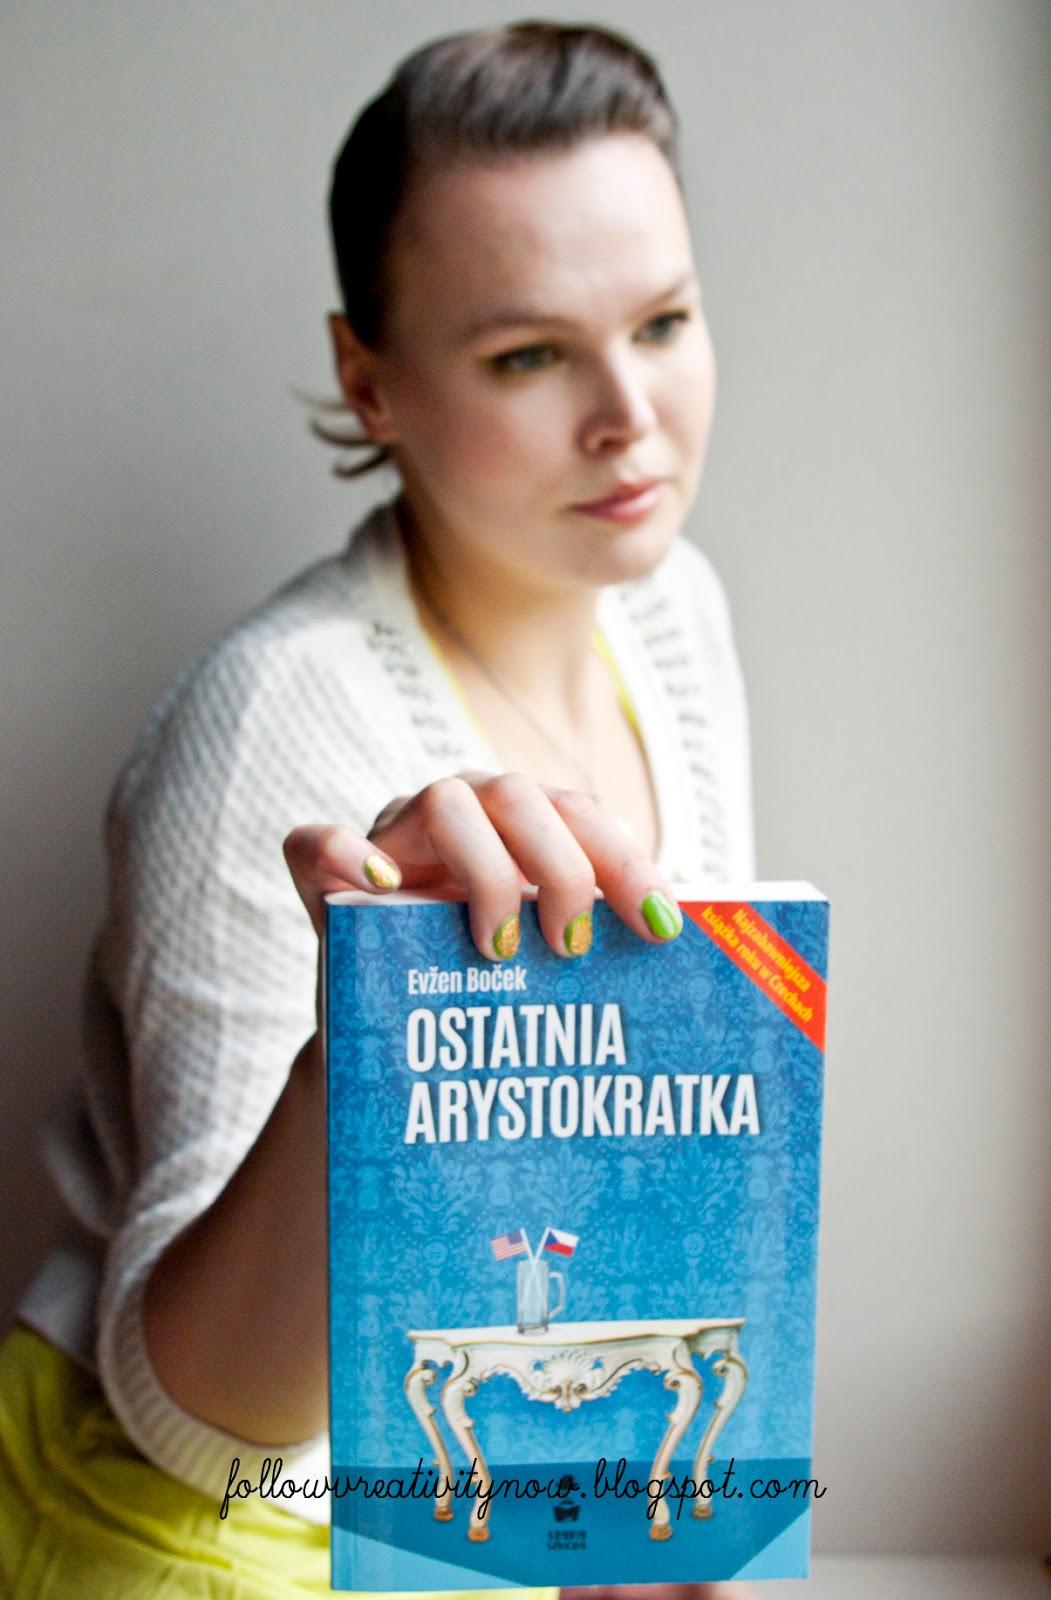 'OSTATNIA ARYSTOKRATKA' EVZEN BOCEK